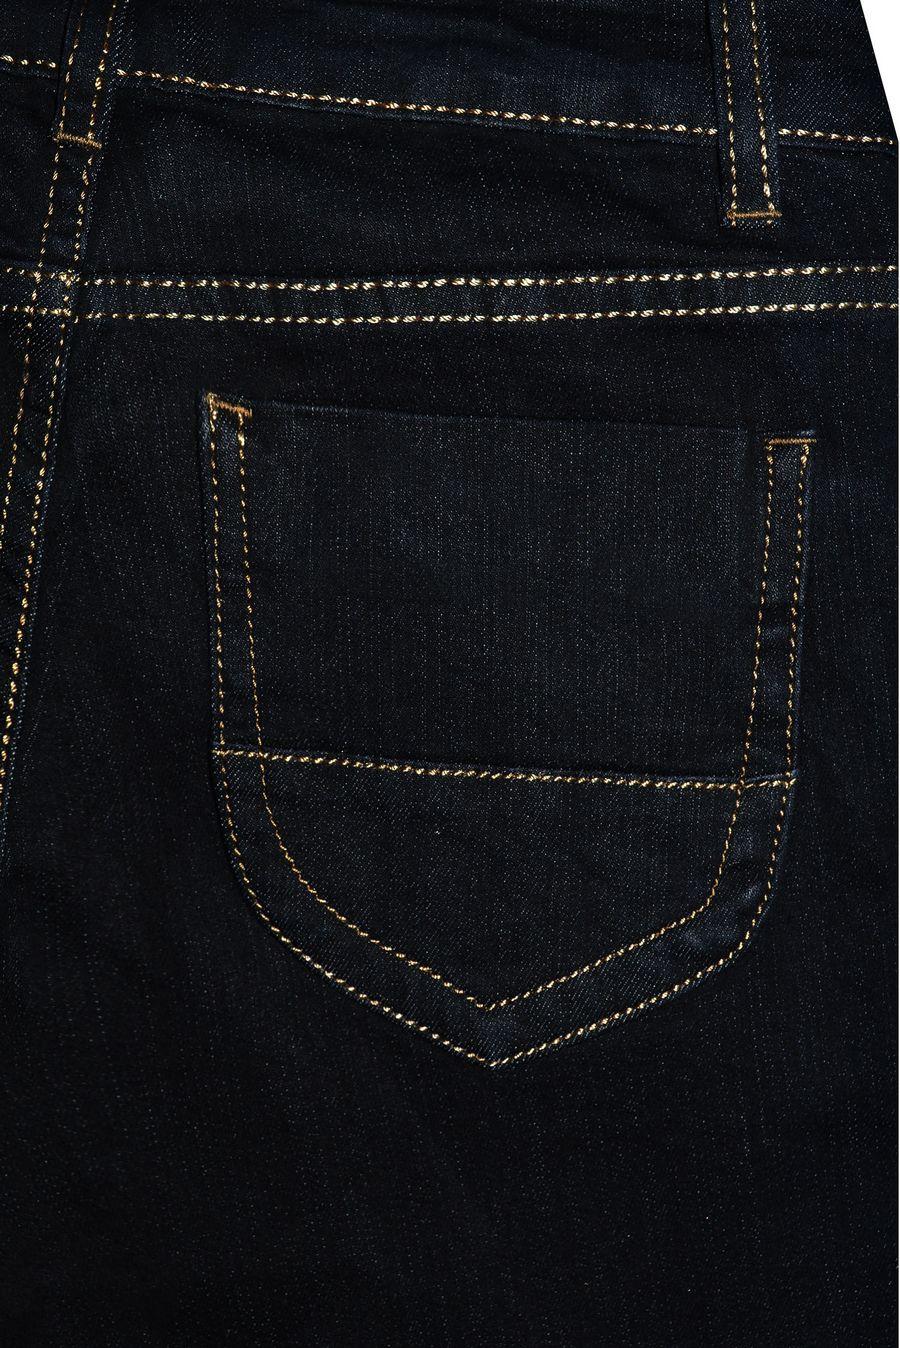 Джинсы женские Bicstar 9987-1/55 - фото 4